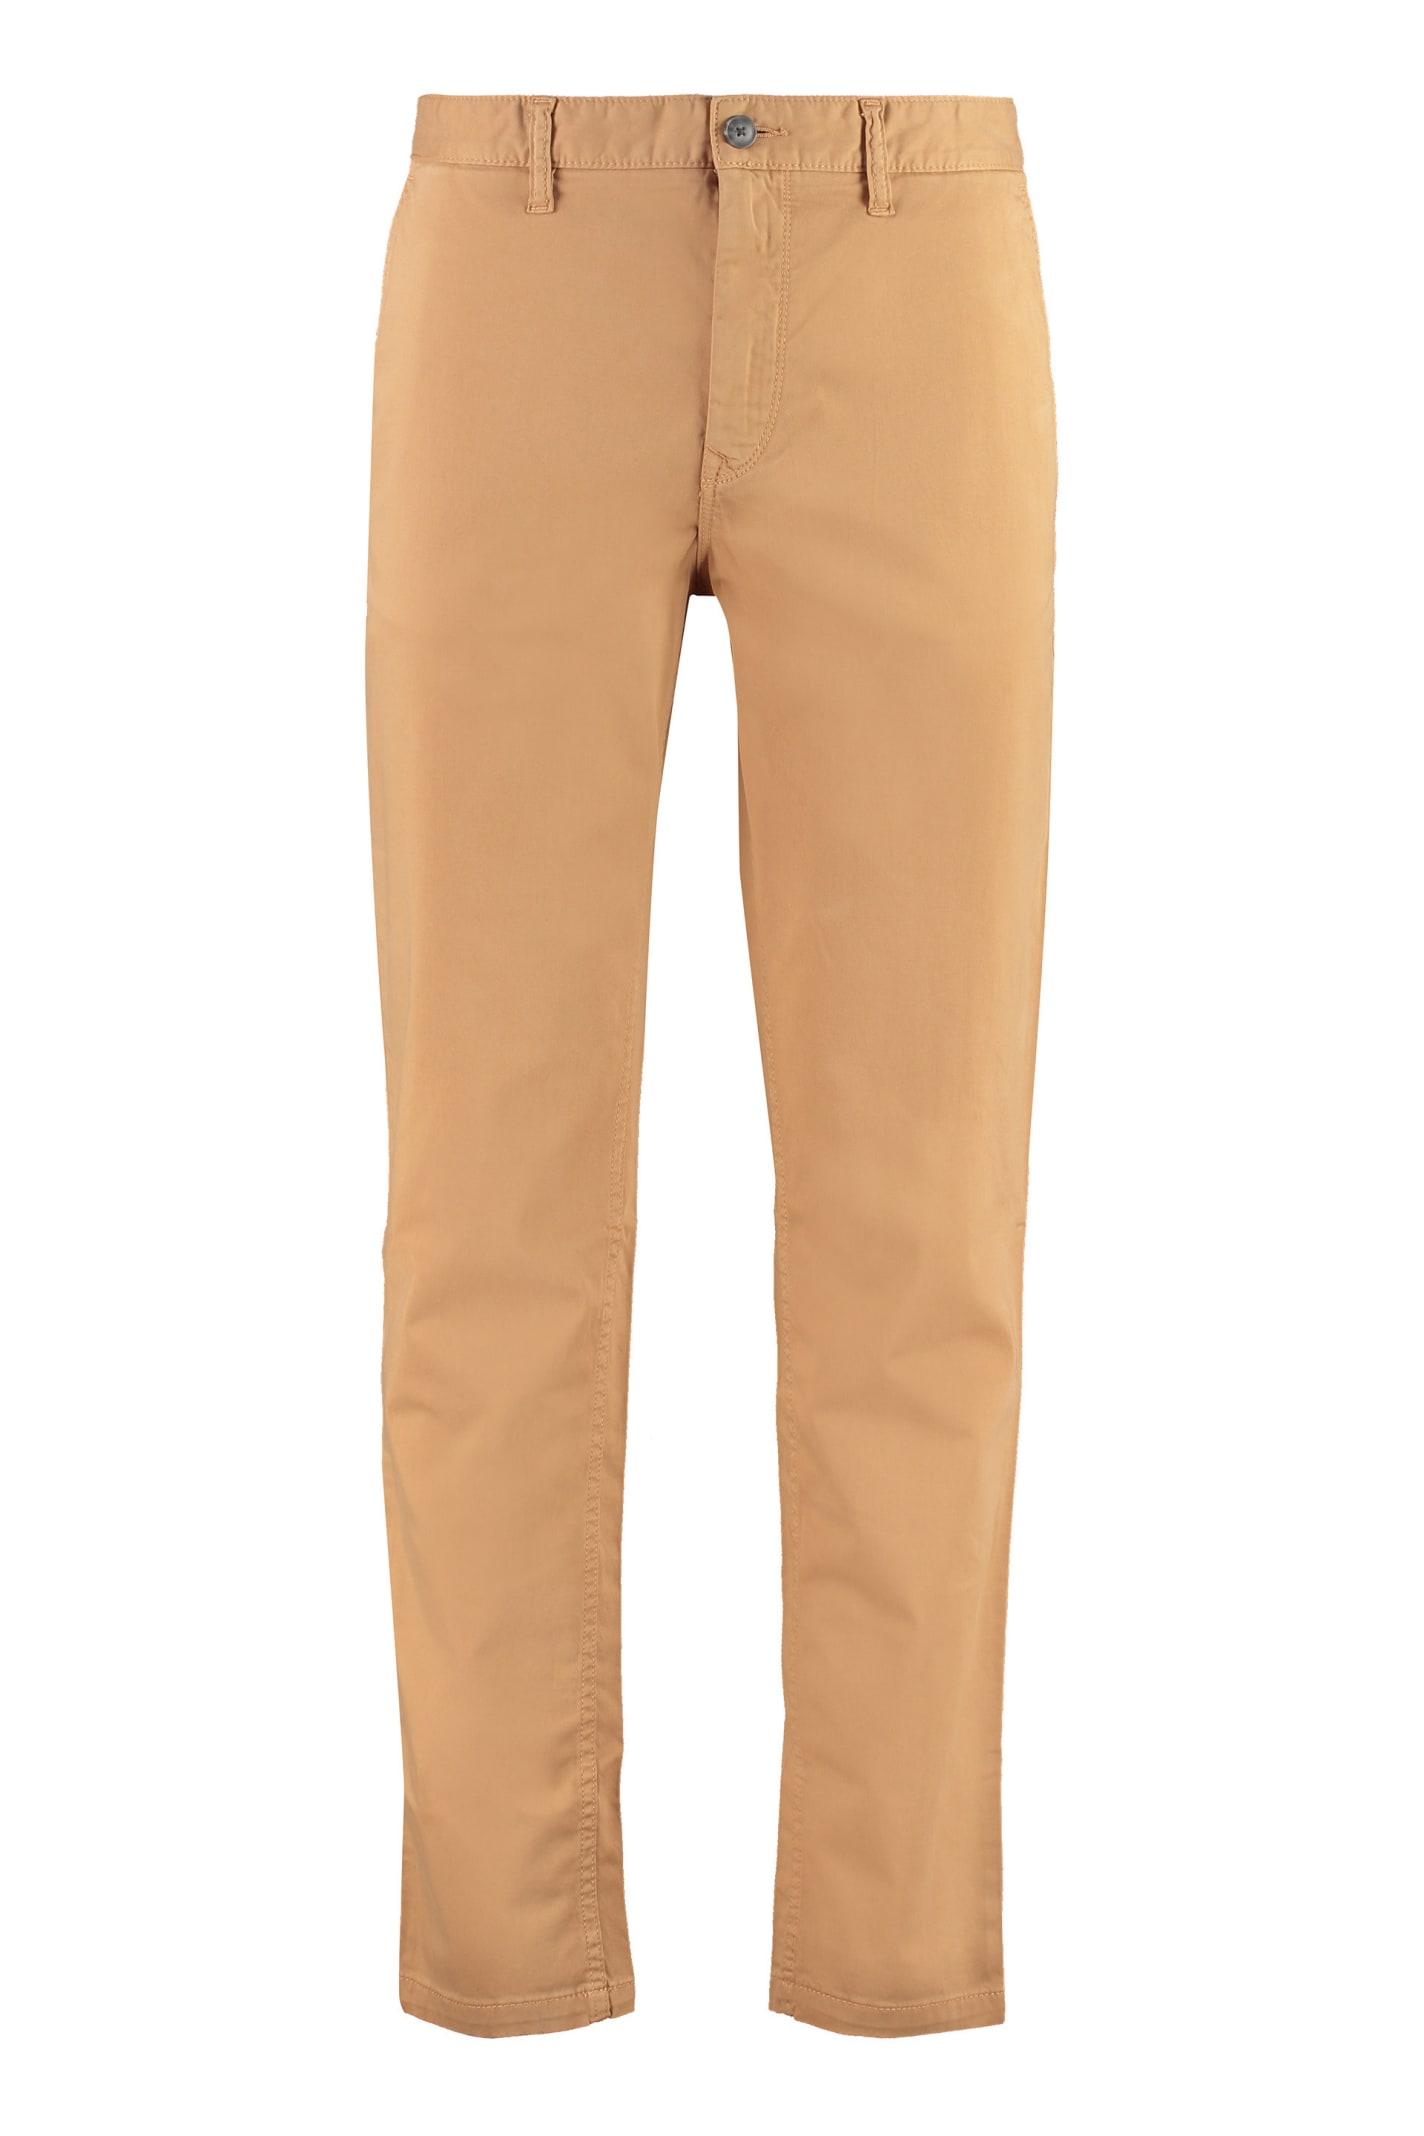 Schino-taber Cotton Trousers